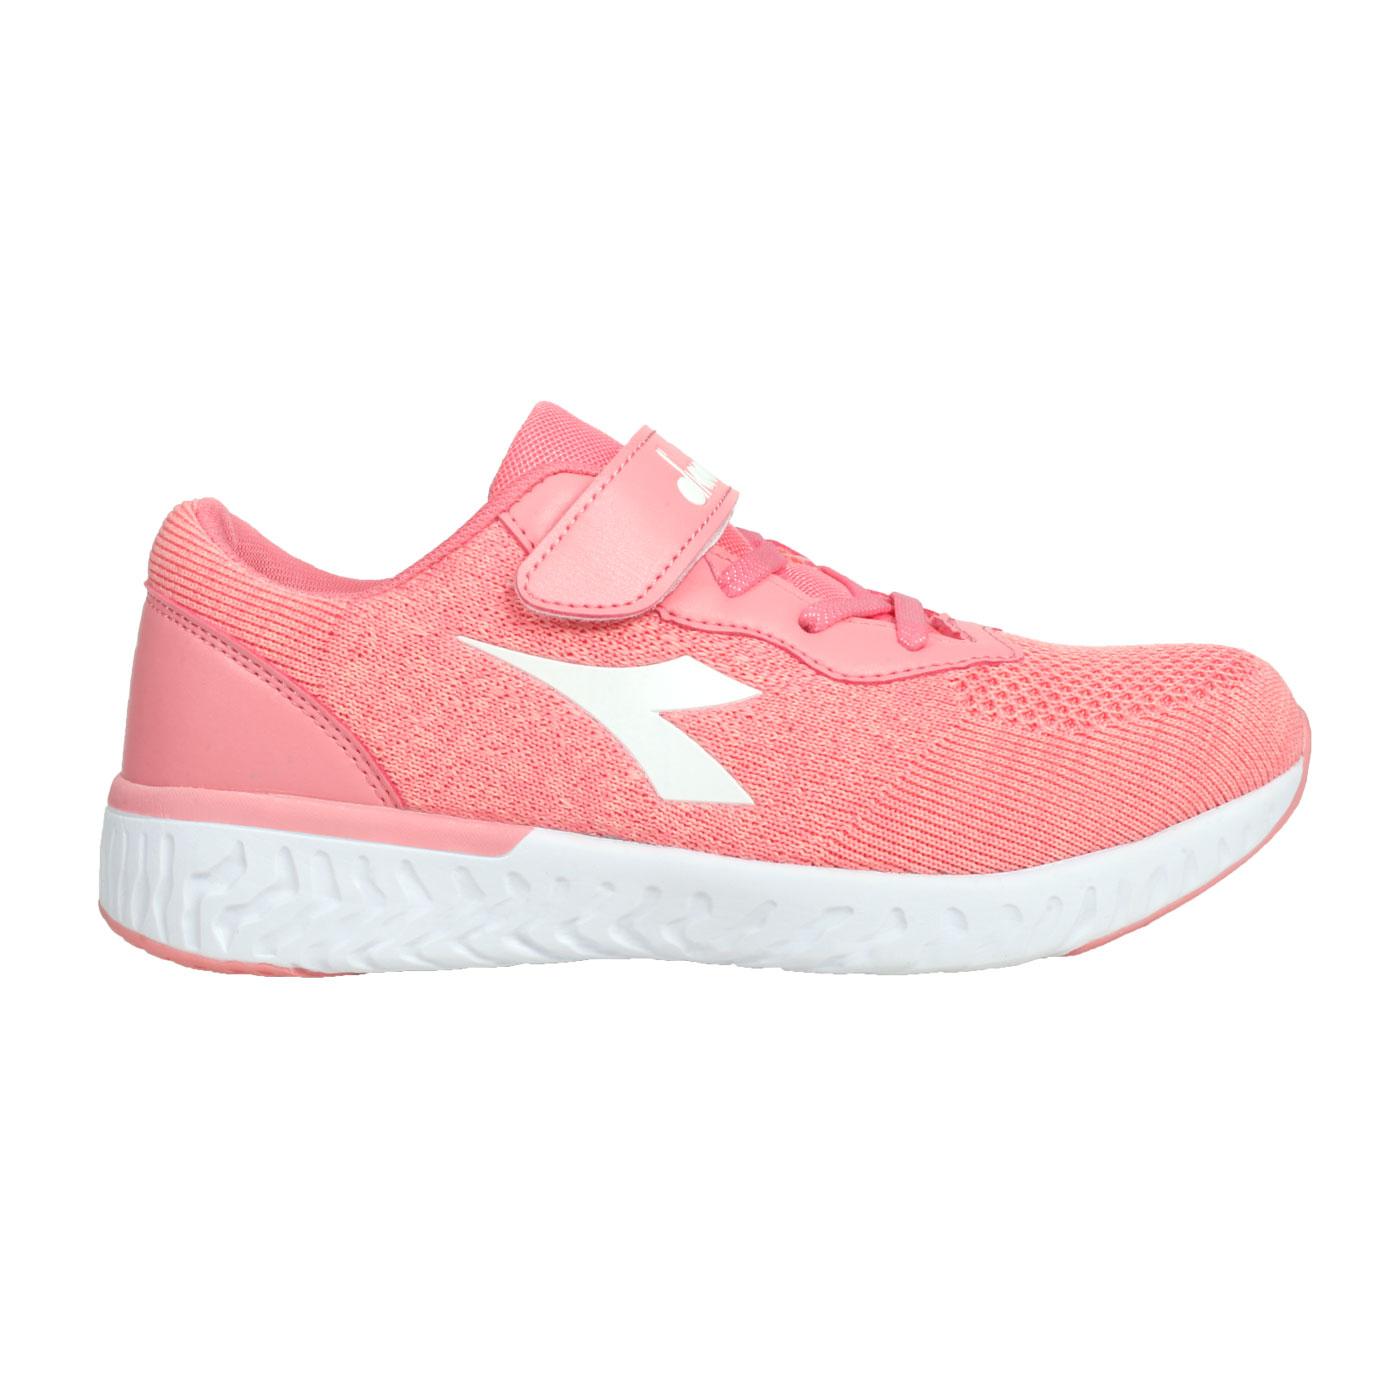 DIADORA 大童歐風運動鞋-加寬楦 DA9AKC7892 - 粉紅白